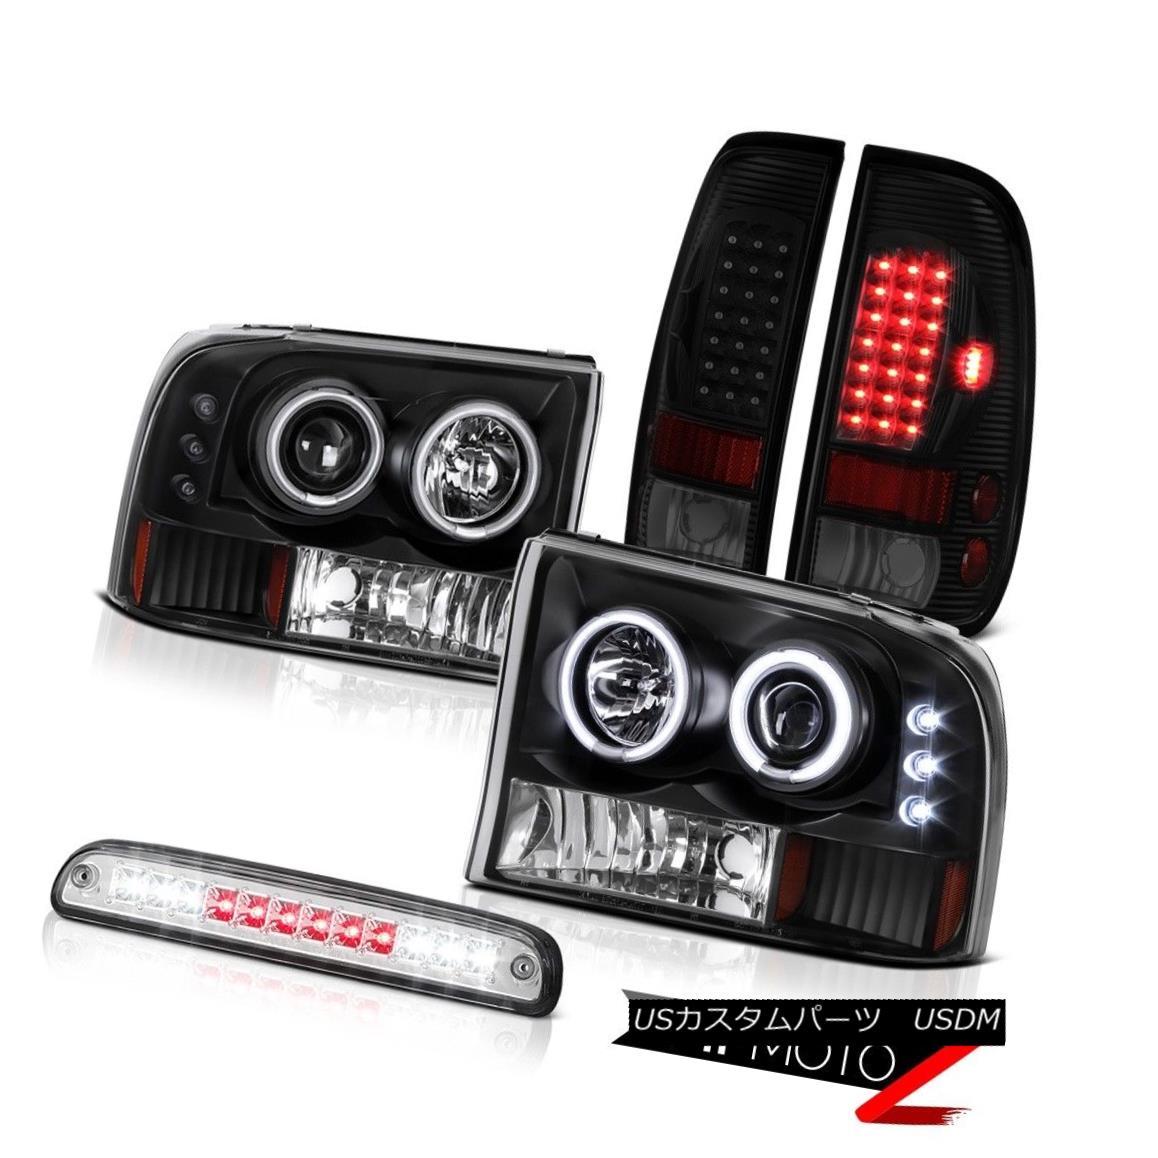 テールライト 99 00 01 02 03 04 F350 6.0L Tail Lamps Headlamps Clear Chrome Roof Brake Light 99 00 01 02 03 04 F350 6.0Lテールランプヘッドランプクリアクローム屋根ブレーキライト